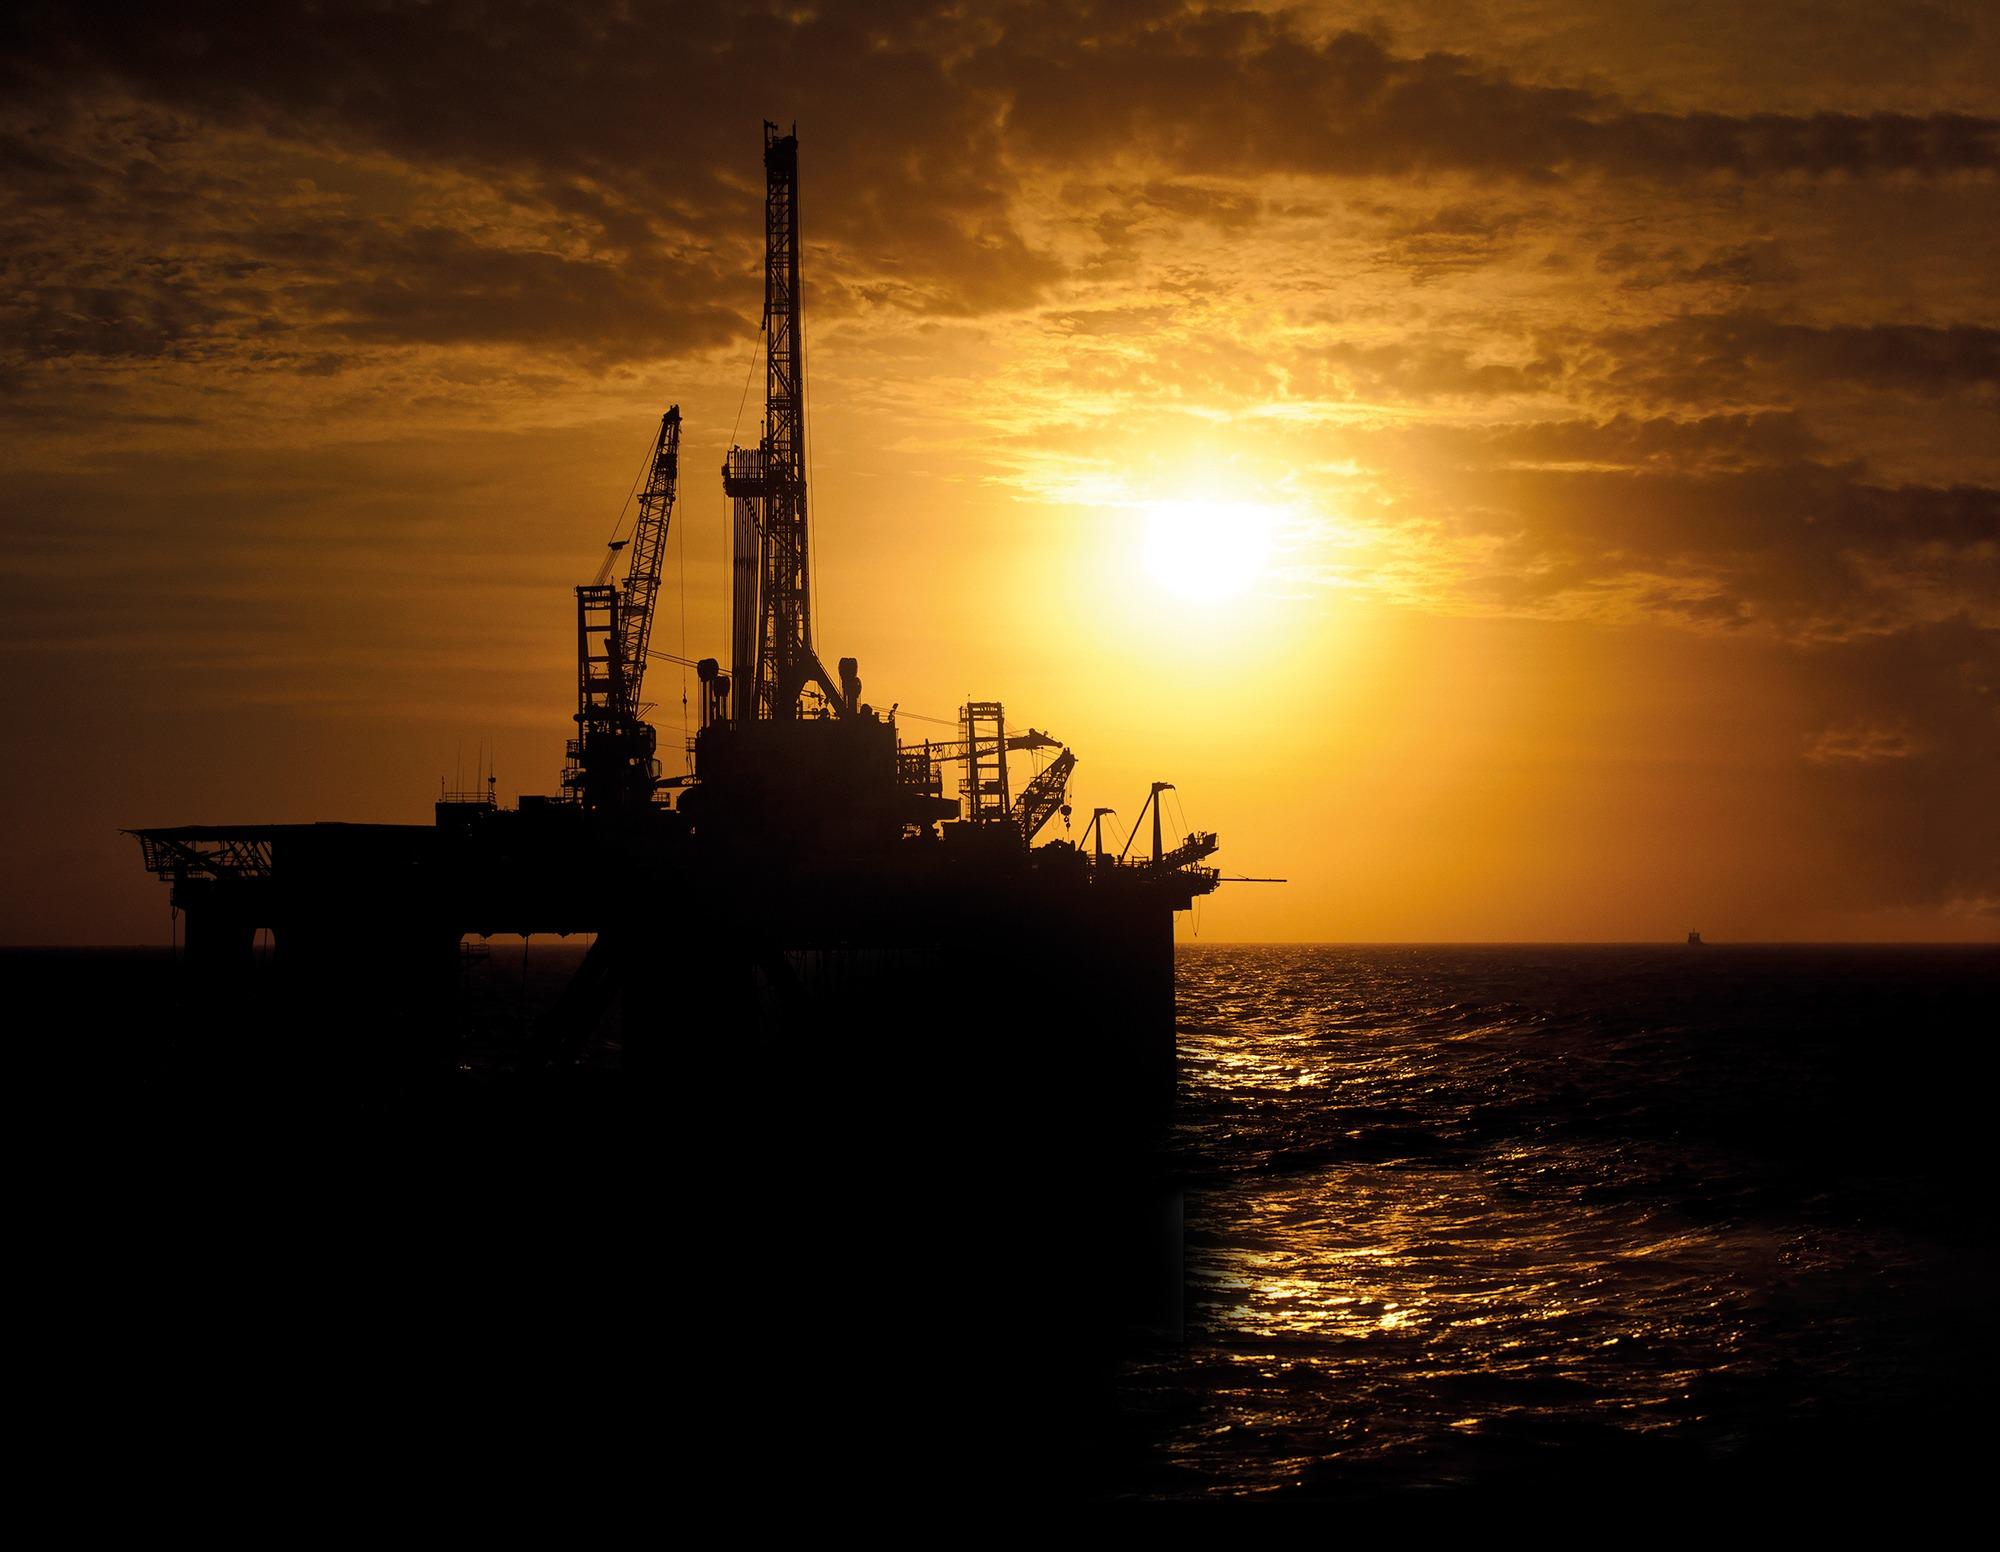 Oil Gas@72dpi Oil & Gas